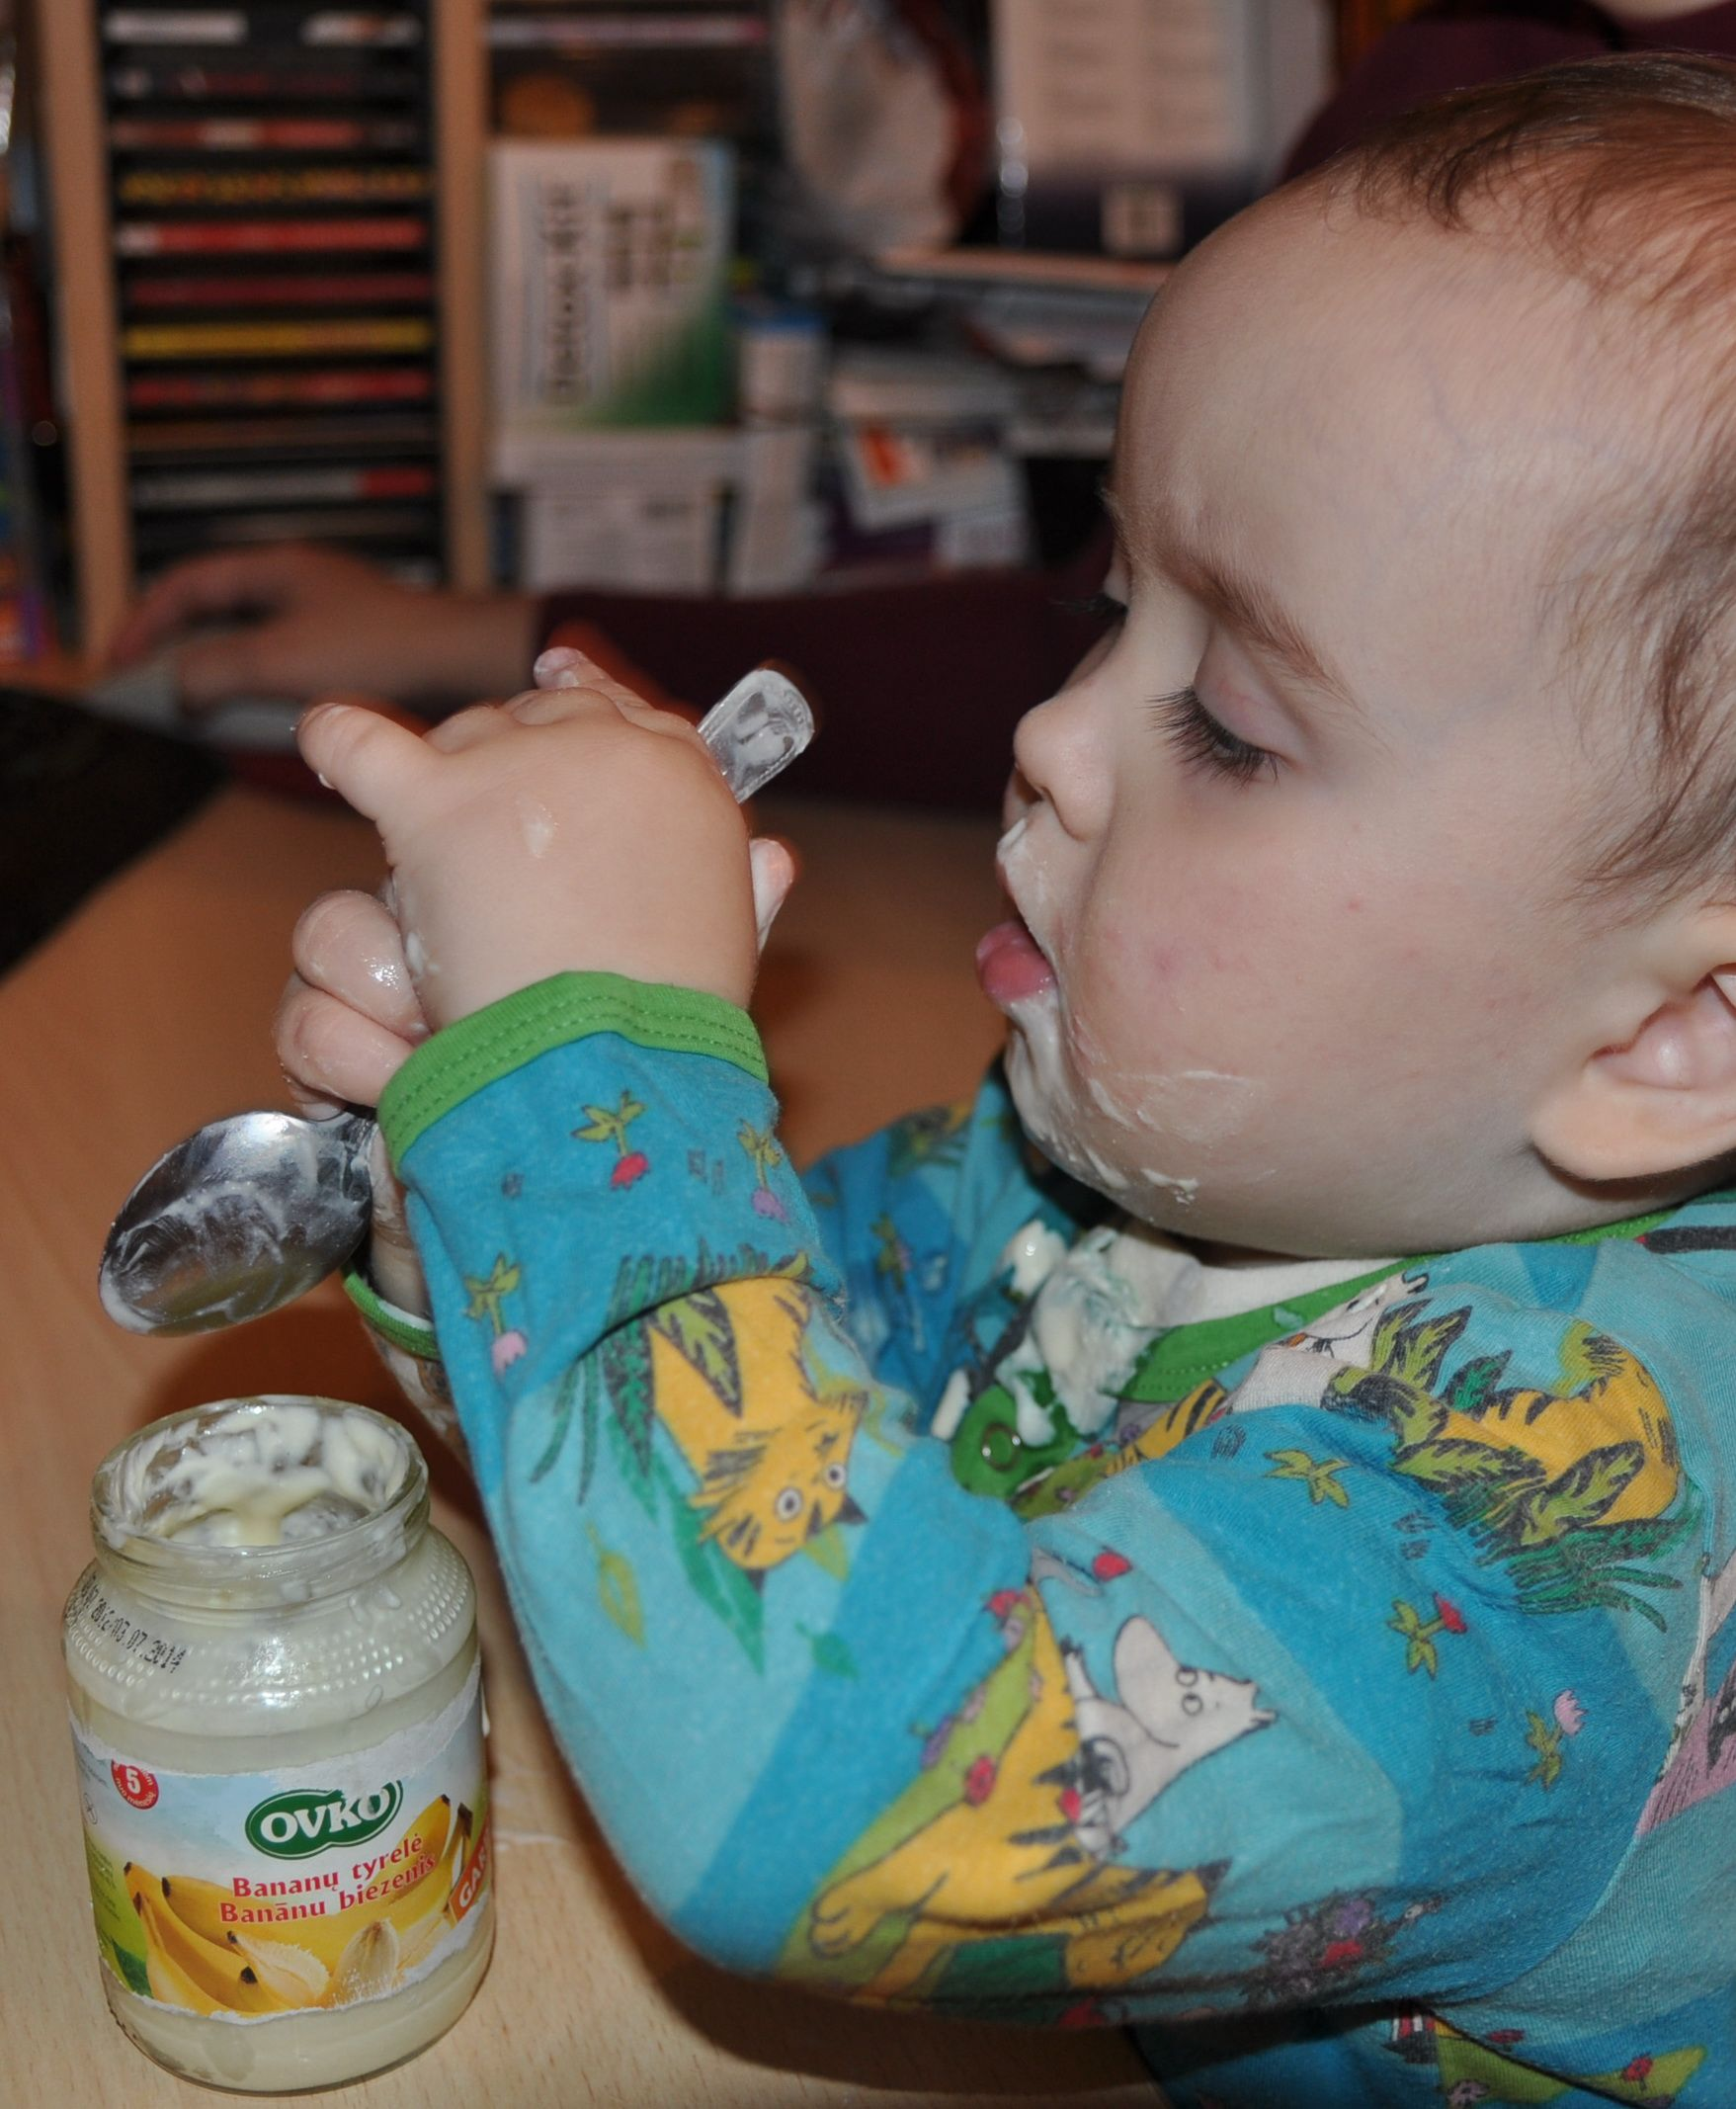 vaikas miršta svorio Ar sūkurinė vonia gali priversti mesti svorį